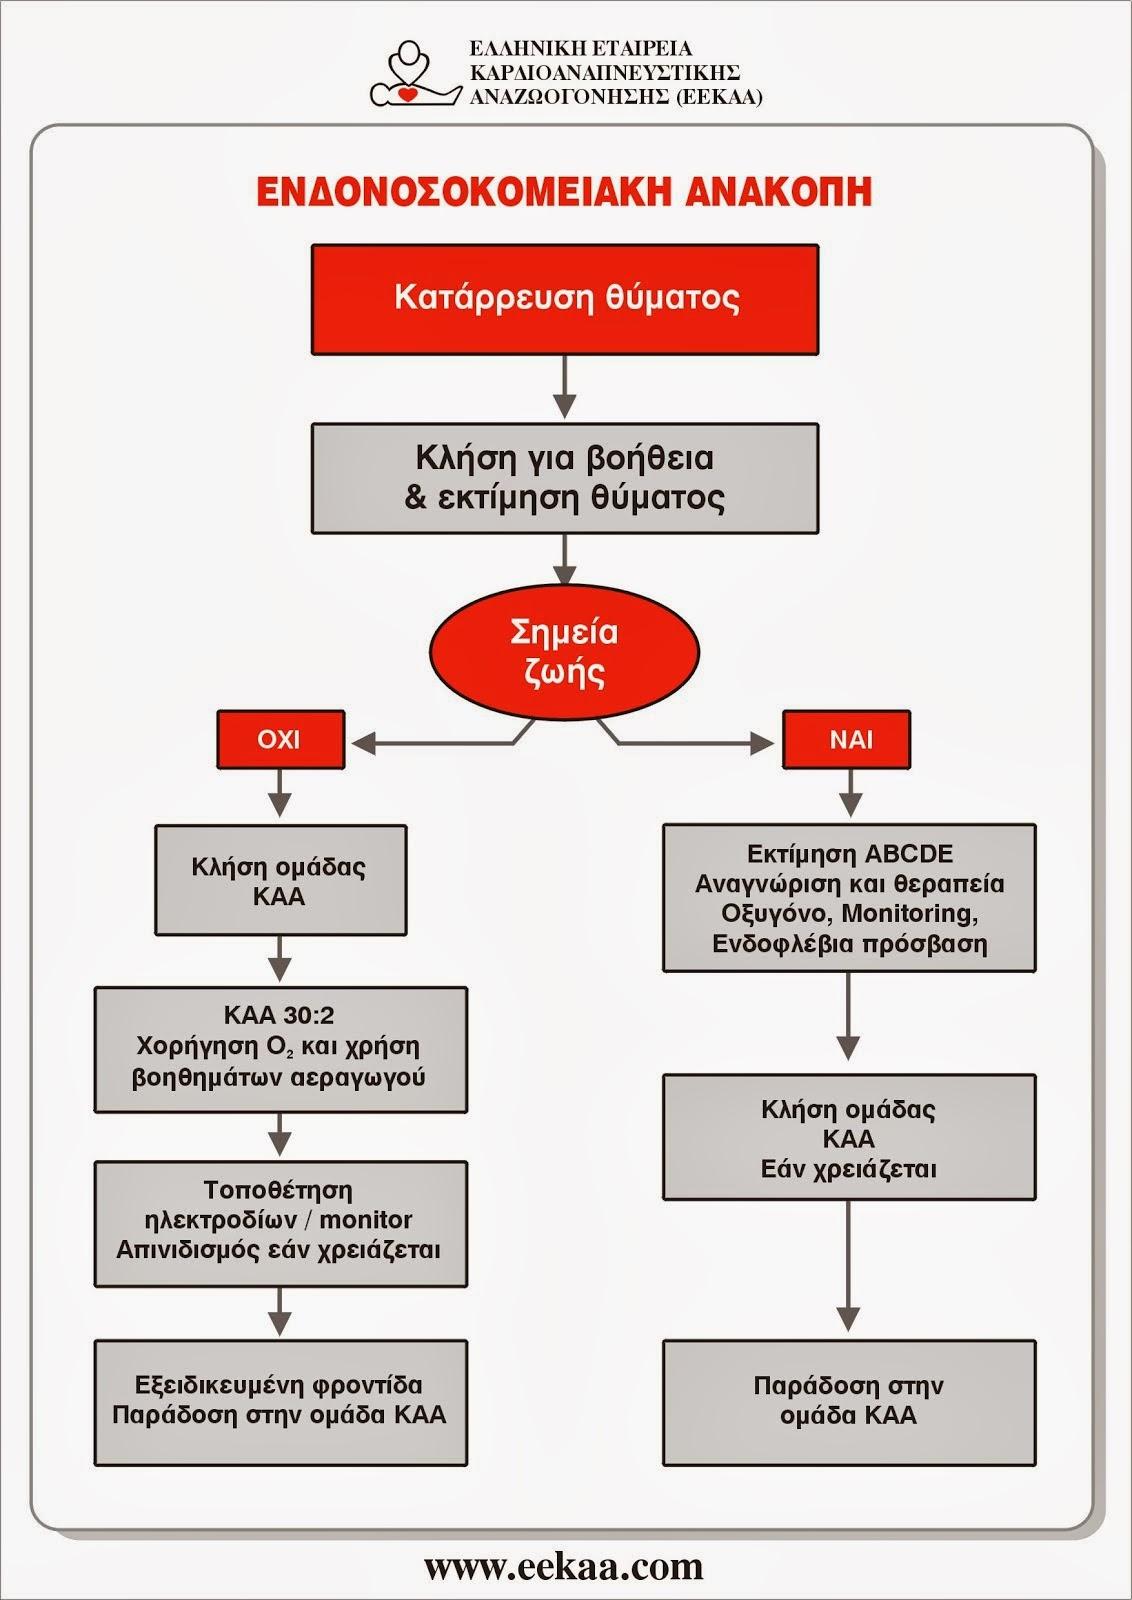 ΑΛΓΟΡΙΘΜΟΣ ΕΝΔΟΝΟΣΟΚΟΜΕΙΑΚΗΣ ΑΝΑΚΟΠΗΣ 2010 (EEKAA - ERC)